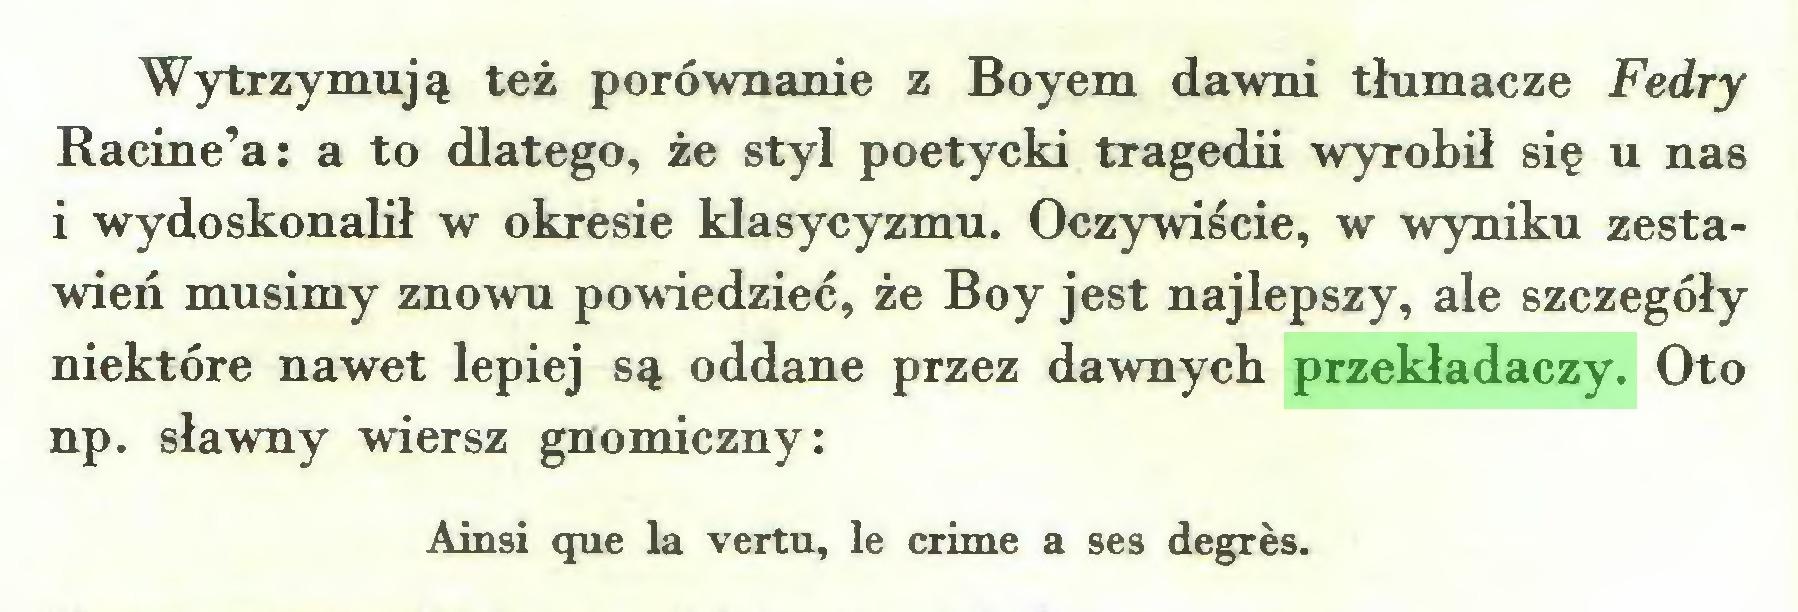 (...) Wytrzymują też porównanie z Boyem dawni tłumacze Fedry Racine'a: a to dlatego, że styl poetycki tragedii wyrobił się u nas i wydoskonalił w okresie klasycyzmu. Oczywiście, w wyniku zestawień musimy znowu powiedzieć, że Boy jest najlepszy, ale szczegóły niektóre nawet lepiej są oddane przez dawnych przekładaczy. Oto np. sławny wiersz gnomiczny: Ainsi que la vertu, le crime a ses degrés...